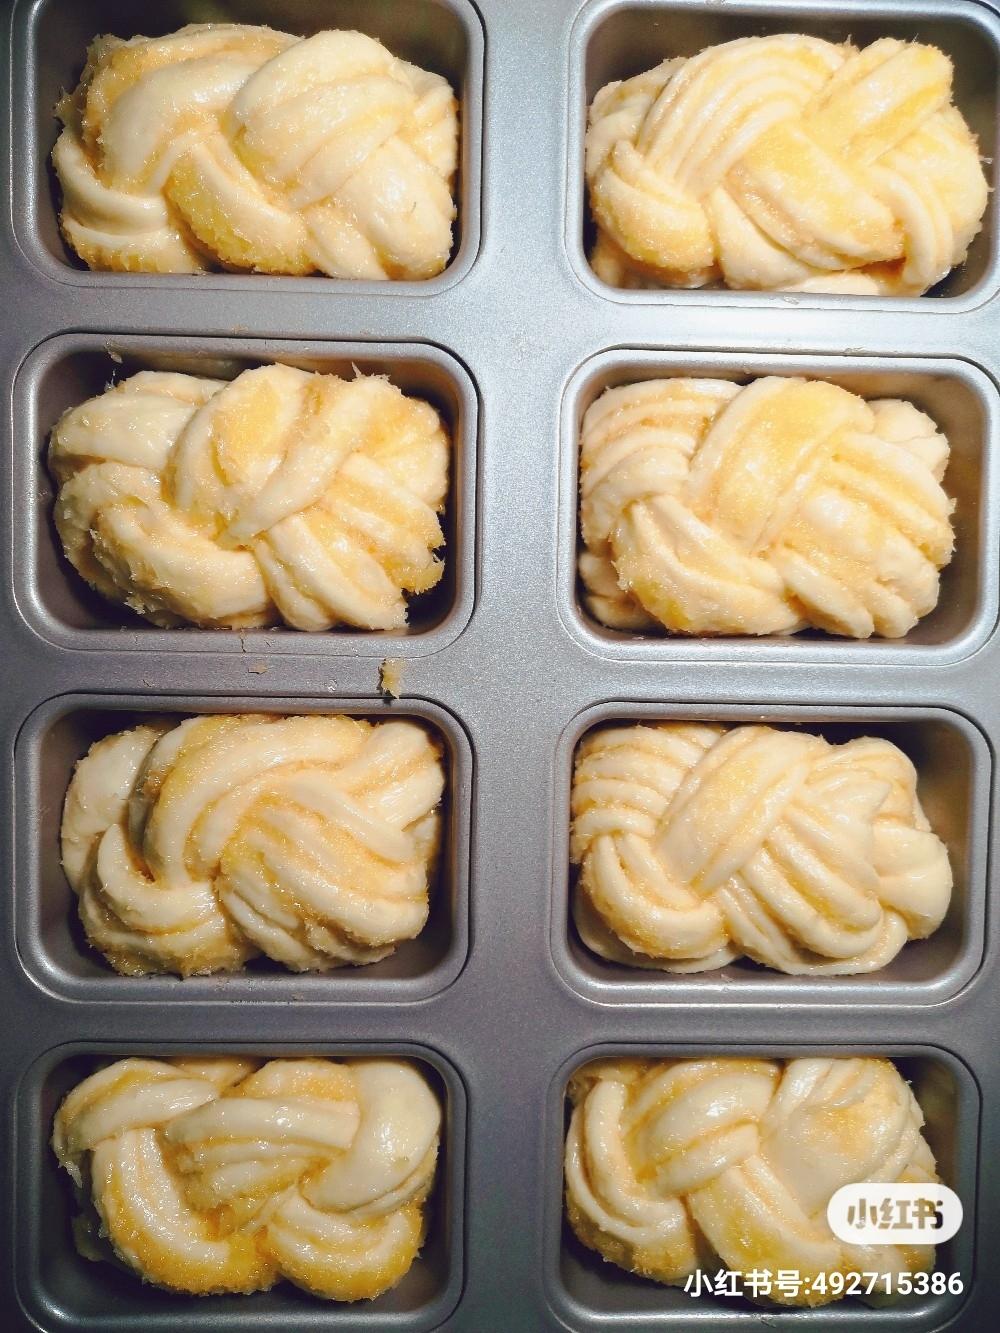 迷你奶香椰蓉吐司的做法 步骤10